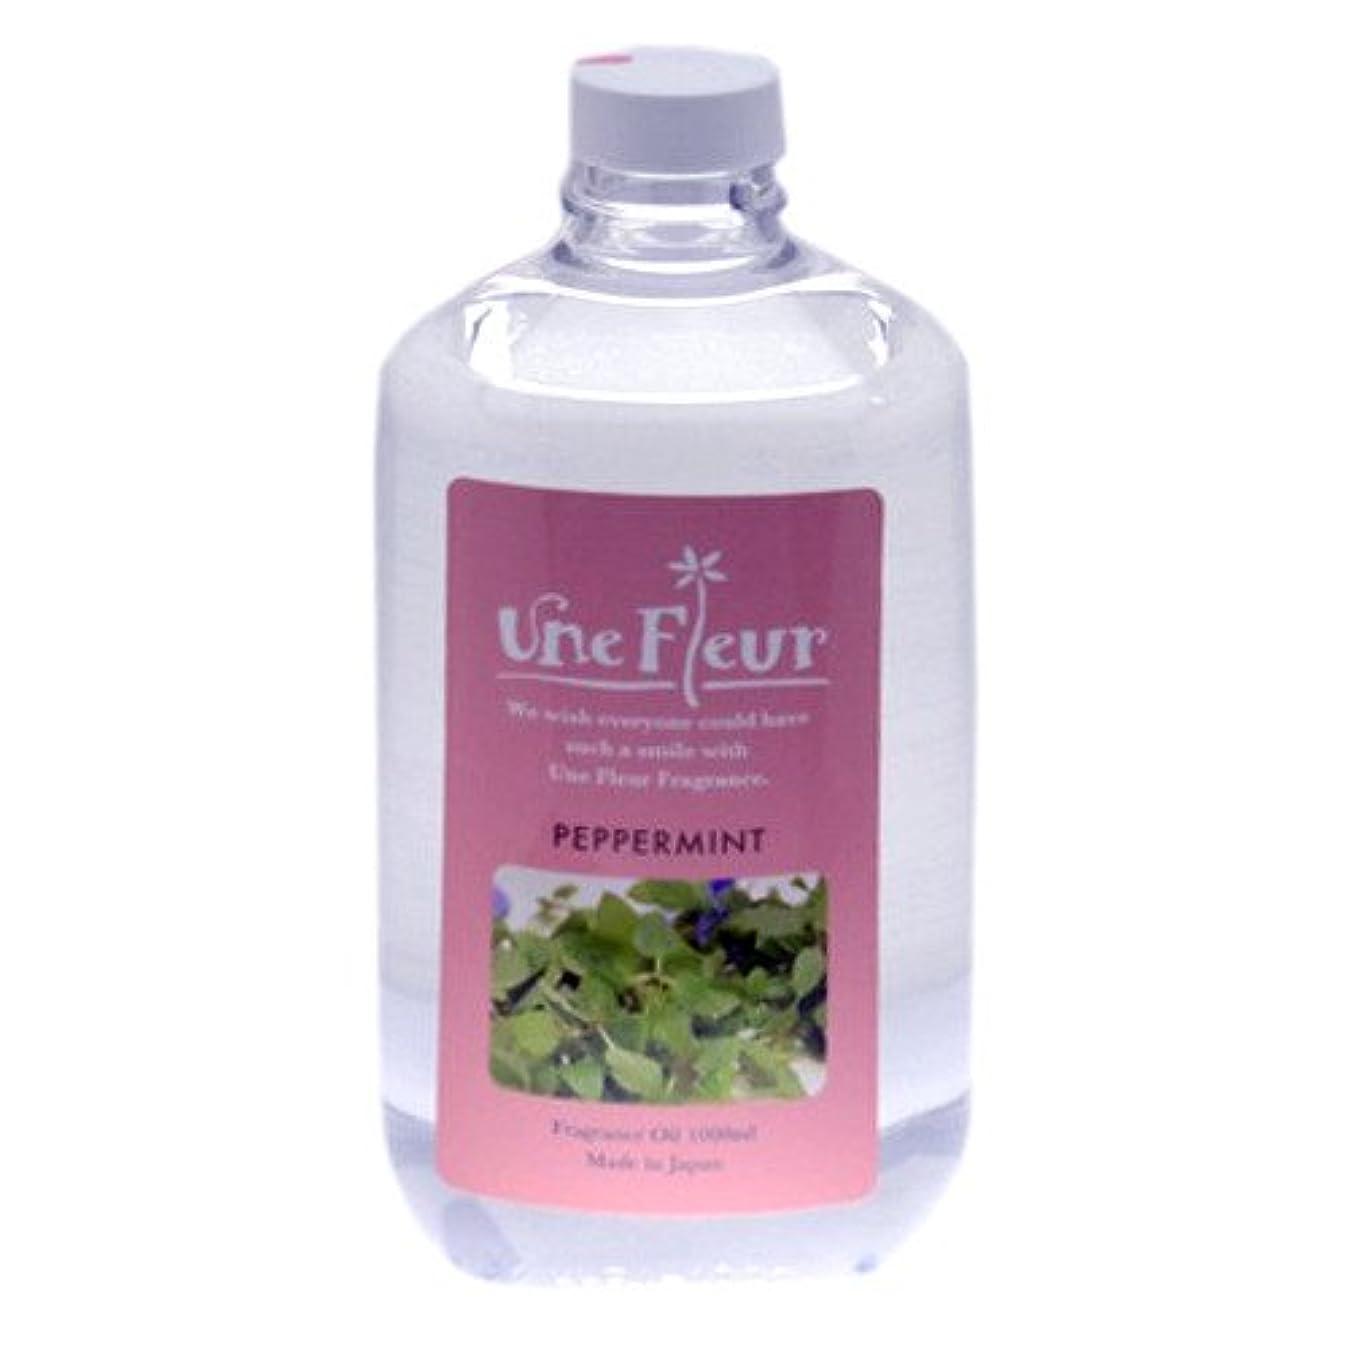 ユヌフルール フレグランスオイル ミント 1L